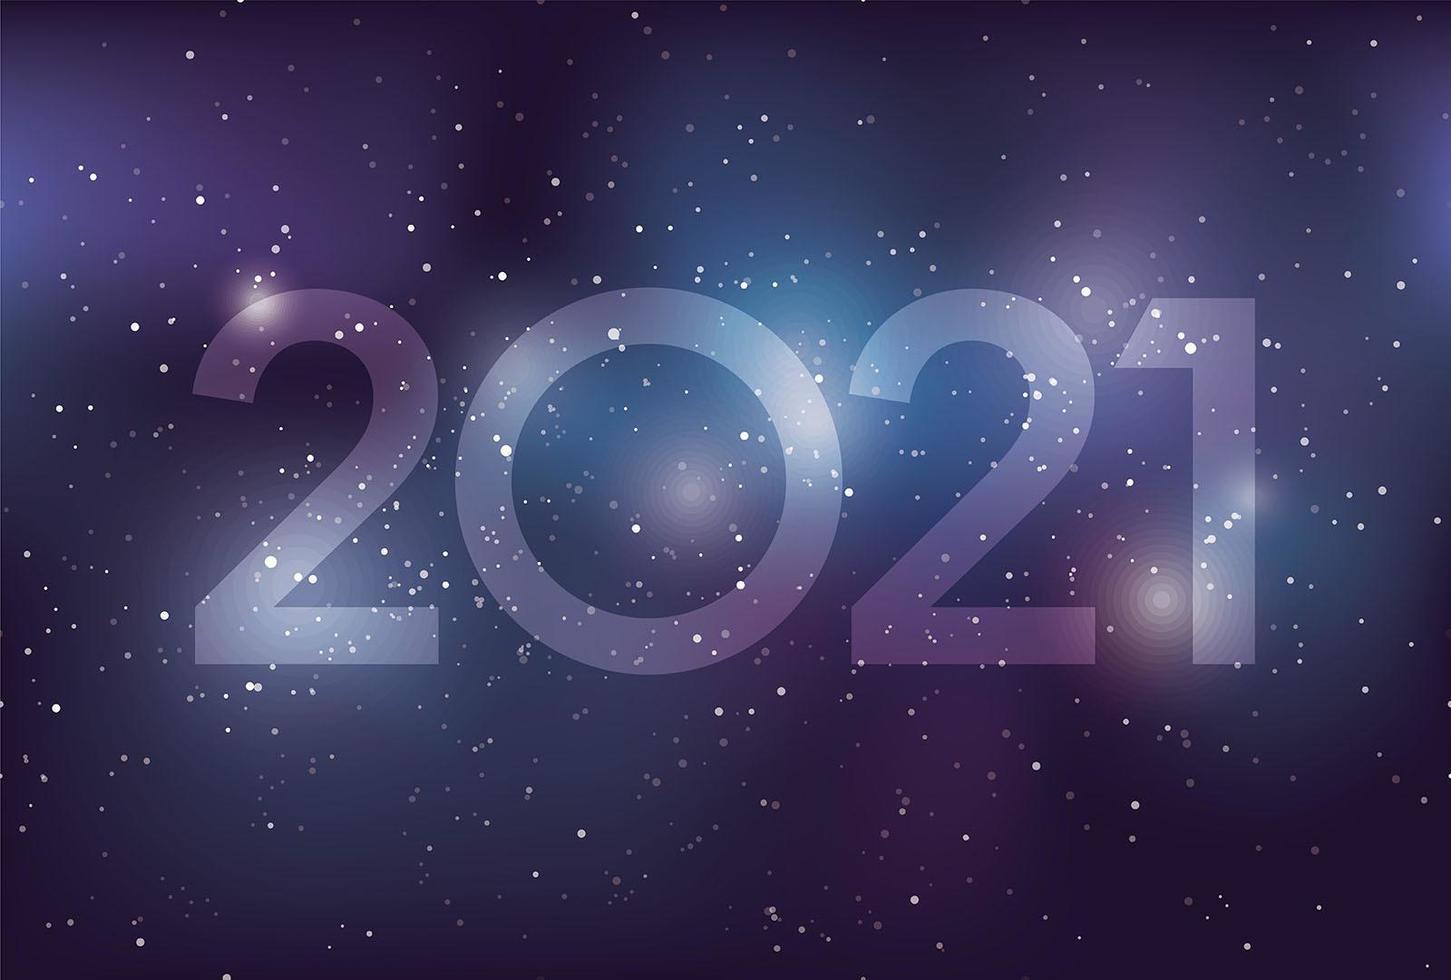 år 2021 nyår gratulationskort utrymme mall vektor